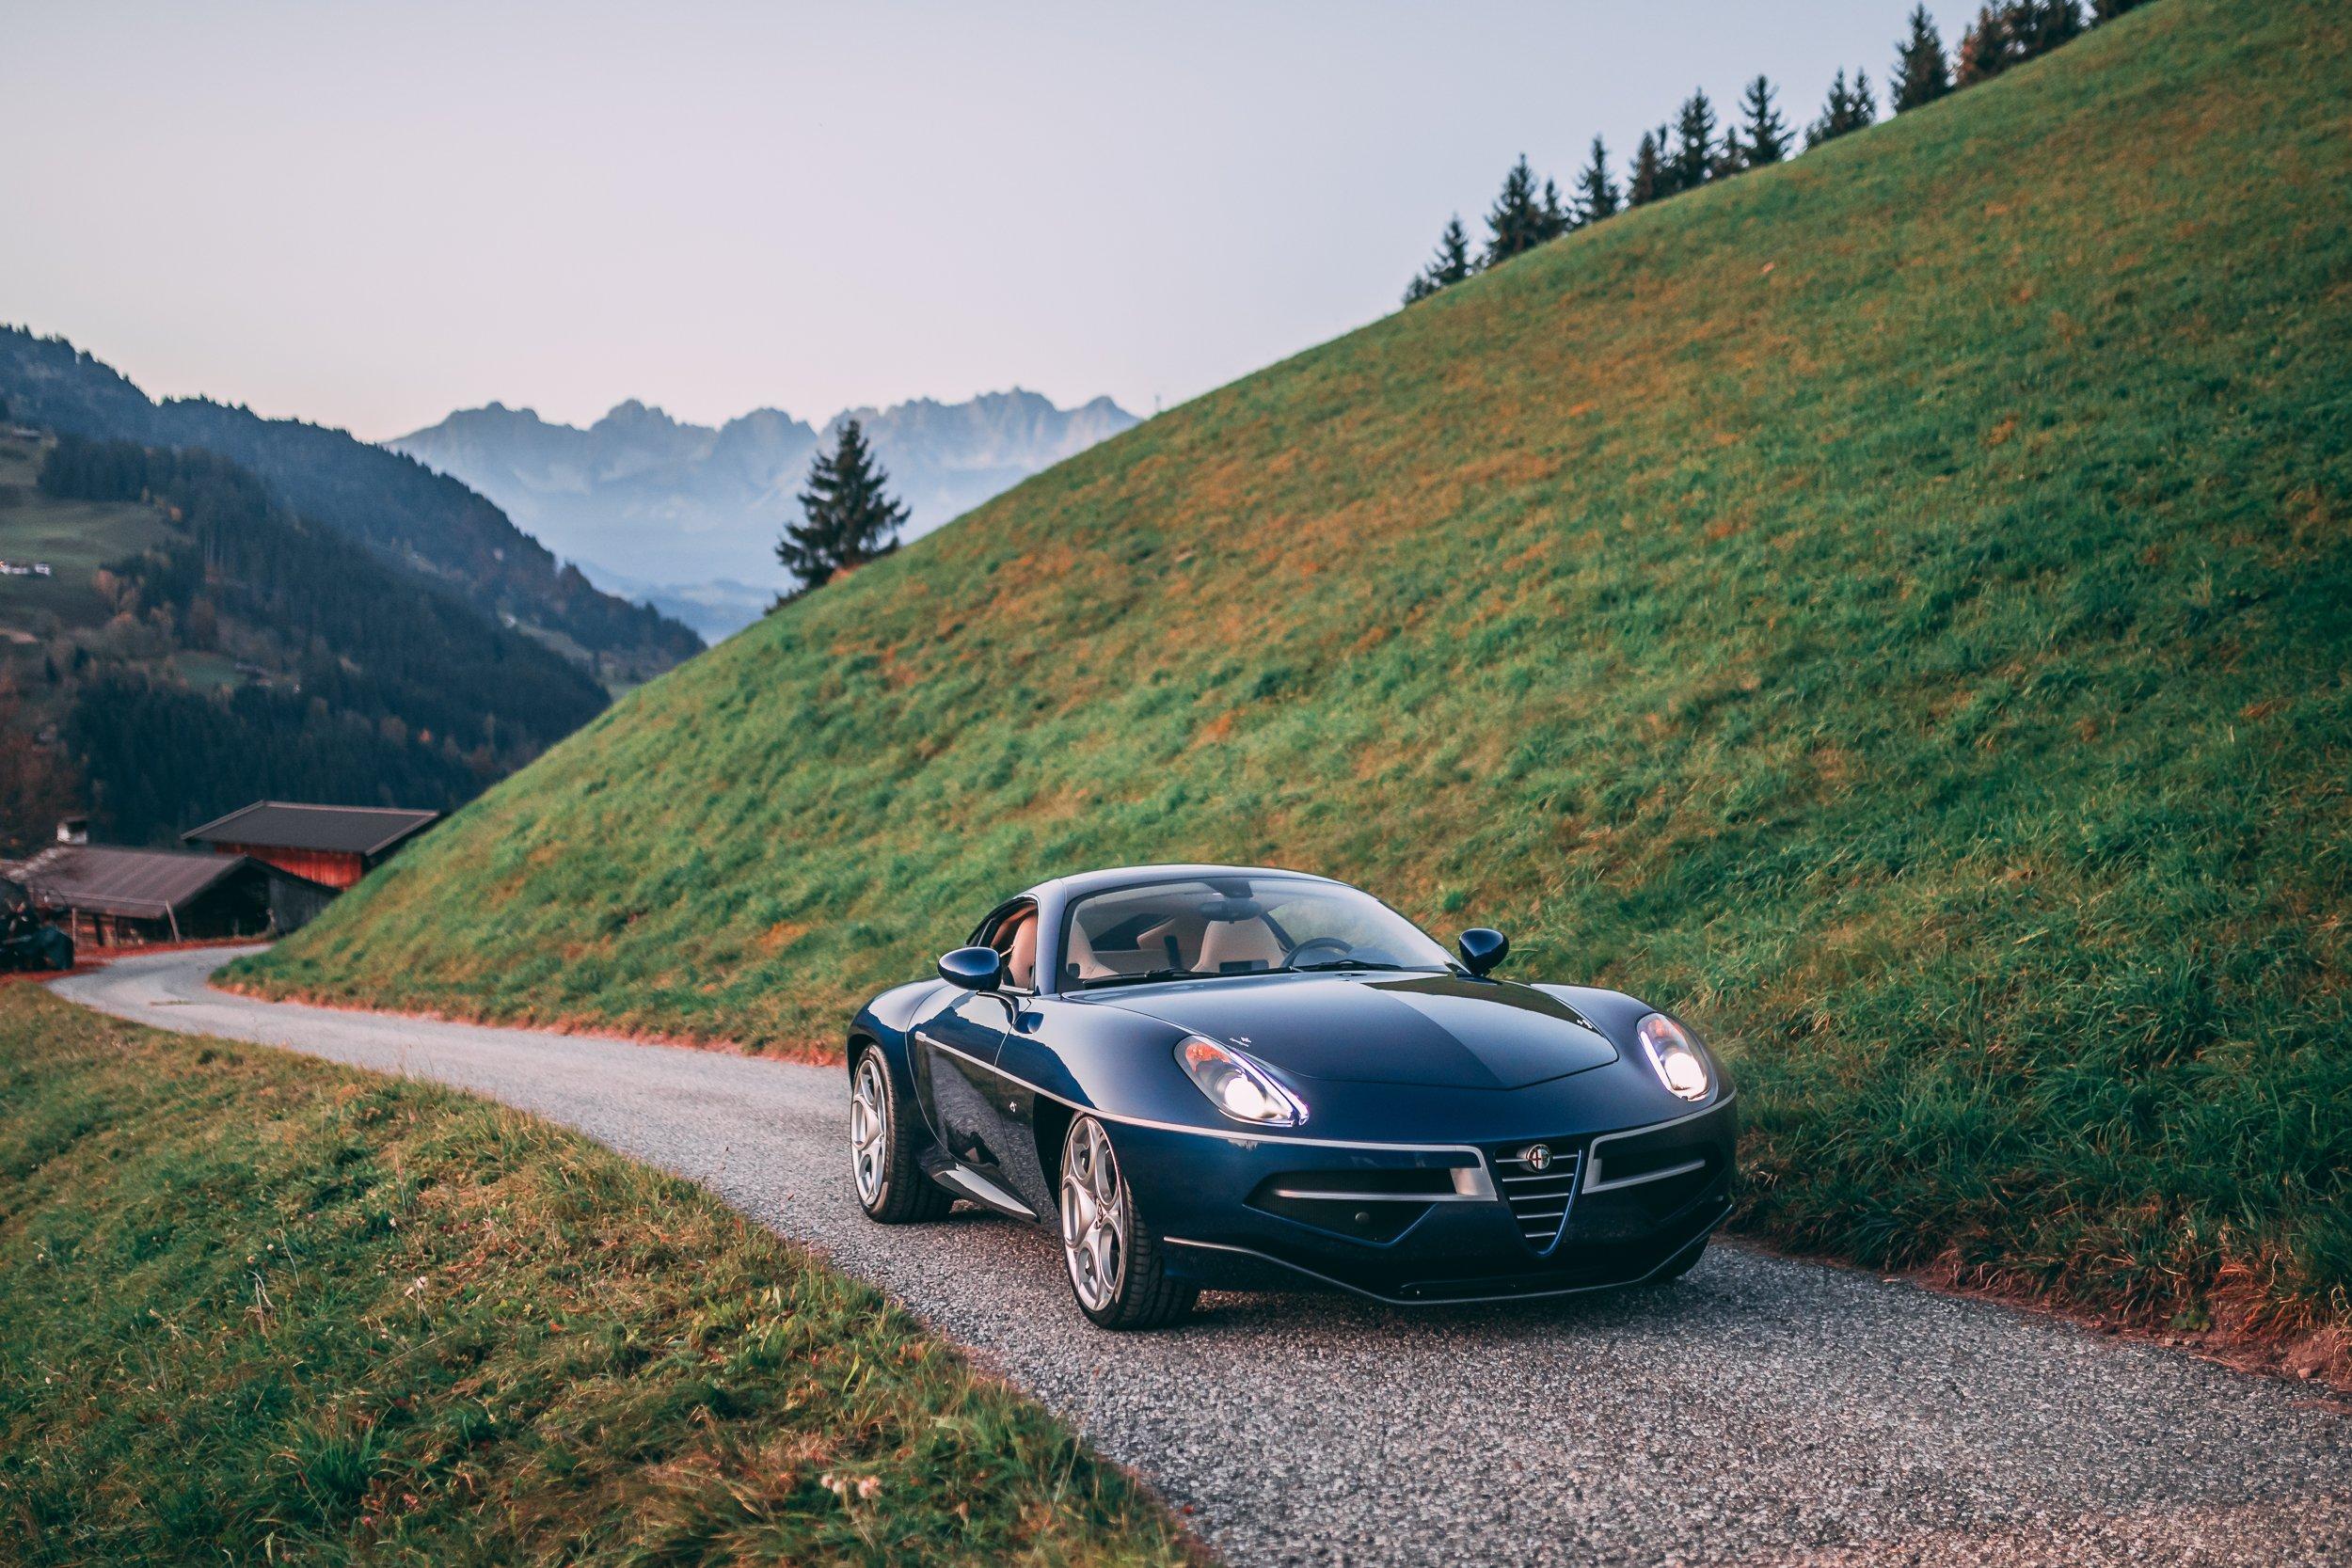 Alfa Romeo Disco Volante For Sale >> 2017 Alfa Romeo Disco Volante Classic Driver Market